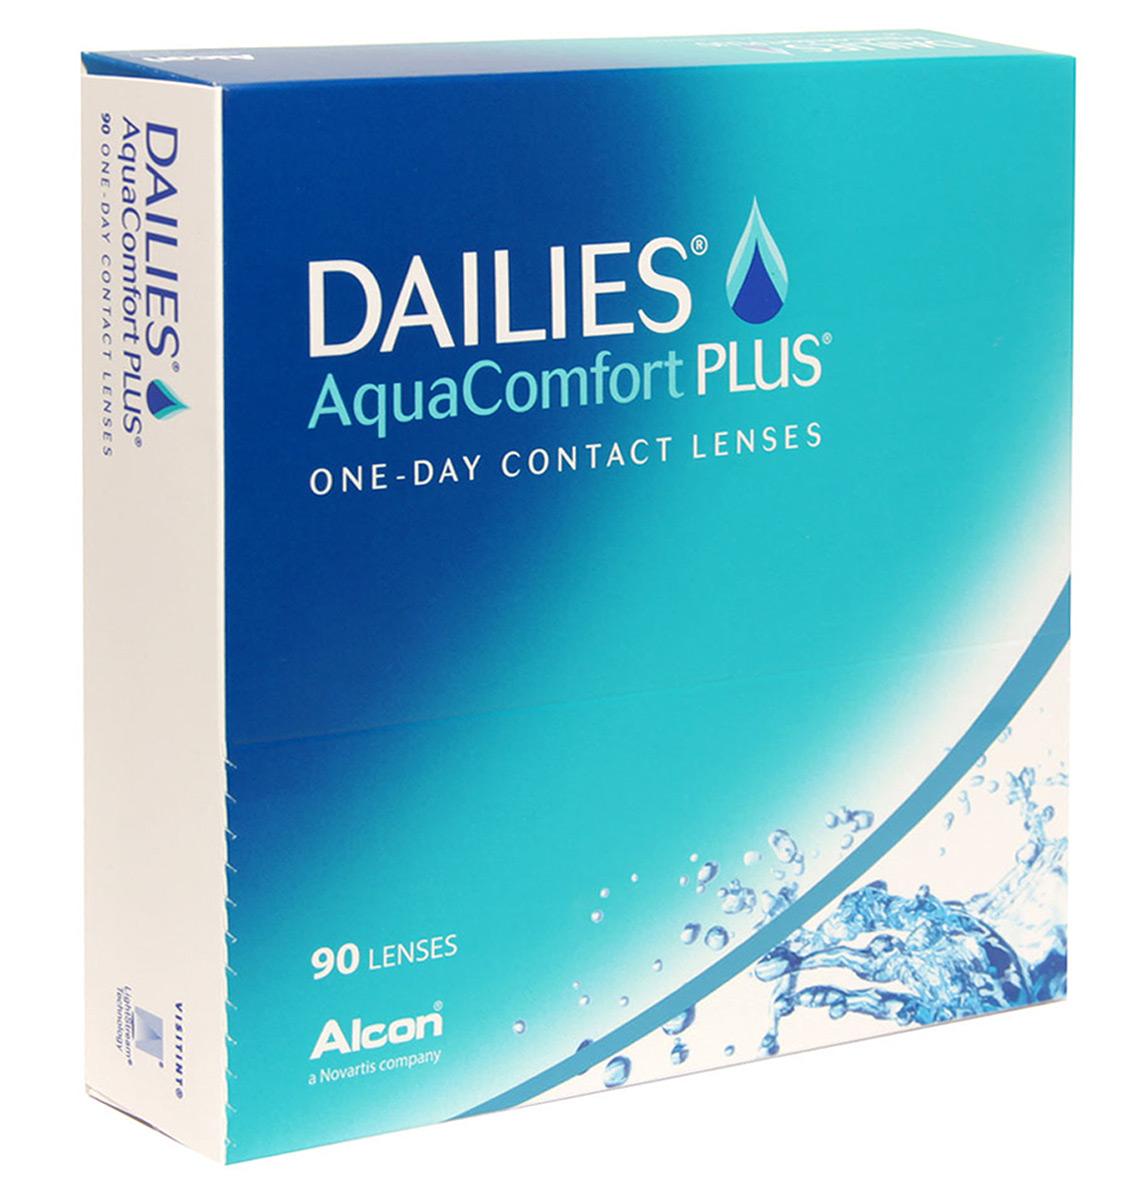 Alcon-CIBA Vision контактные линзы Dailies AquaComfort Plus (90шт / 8.7 / 14.0 / +0.75)38344Dailies Aqua Comfort Plus (90 блистеров) – это одни из самых популярных однодневных линз производства компании CIBA VISION. Эти линзы пользуются огромной популярностью во всем мире и являются на сегодняшний день самыми безопасными контактными линзами. Изготавливаются линзы из современного, 100% безопасного материала нелфилкон А. Особенность этого материала в том, что он легко пропускает воздух и хорошо сохраняет влагу. Однодневные контактные линзы Dailies Aqua Comfort Plus не нуждаются в дополнительном уходе и затратах, каждый день вы надеваете свежую пару линз. Дизайн линзы биосовместимый, что гарантирует безупречный комфорт. Самое главное достоинство Dailies Aqua Comfort Plus – это их уникальная система увлажнения. Благодаря этой разработке линзы увлажняются тремя различными агентами. Первый компонент, ухаживающий за линзами, находится в растворе, он как бы обволакивает линзу, обеспечивая чрезвычайно комфортное надевание. Второй агент выделяется на протяжении всего дня, он...